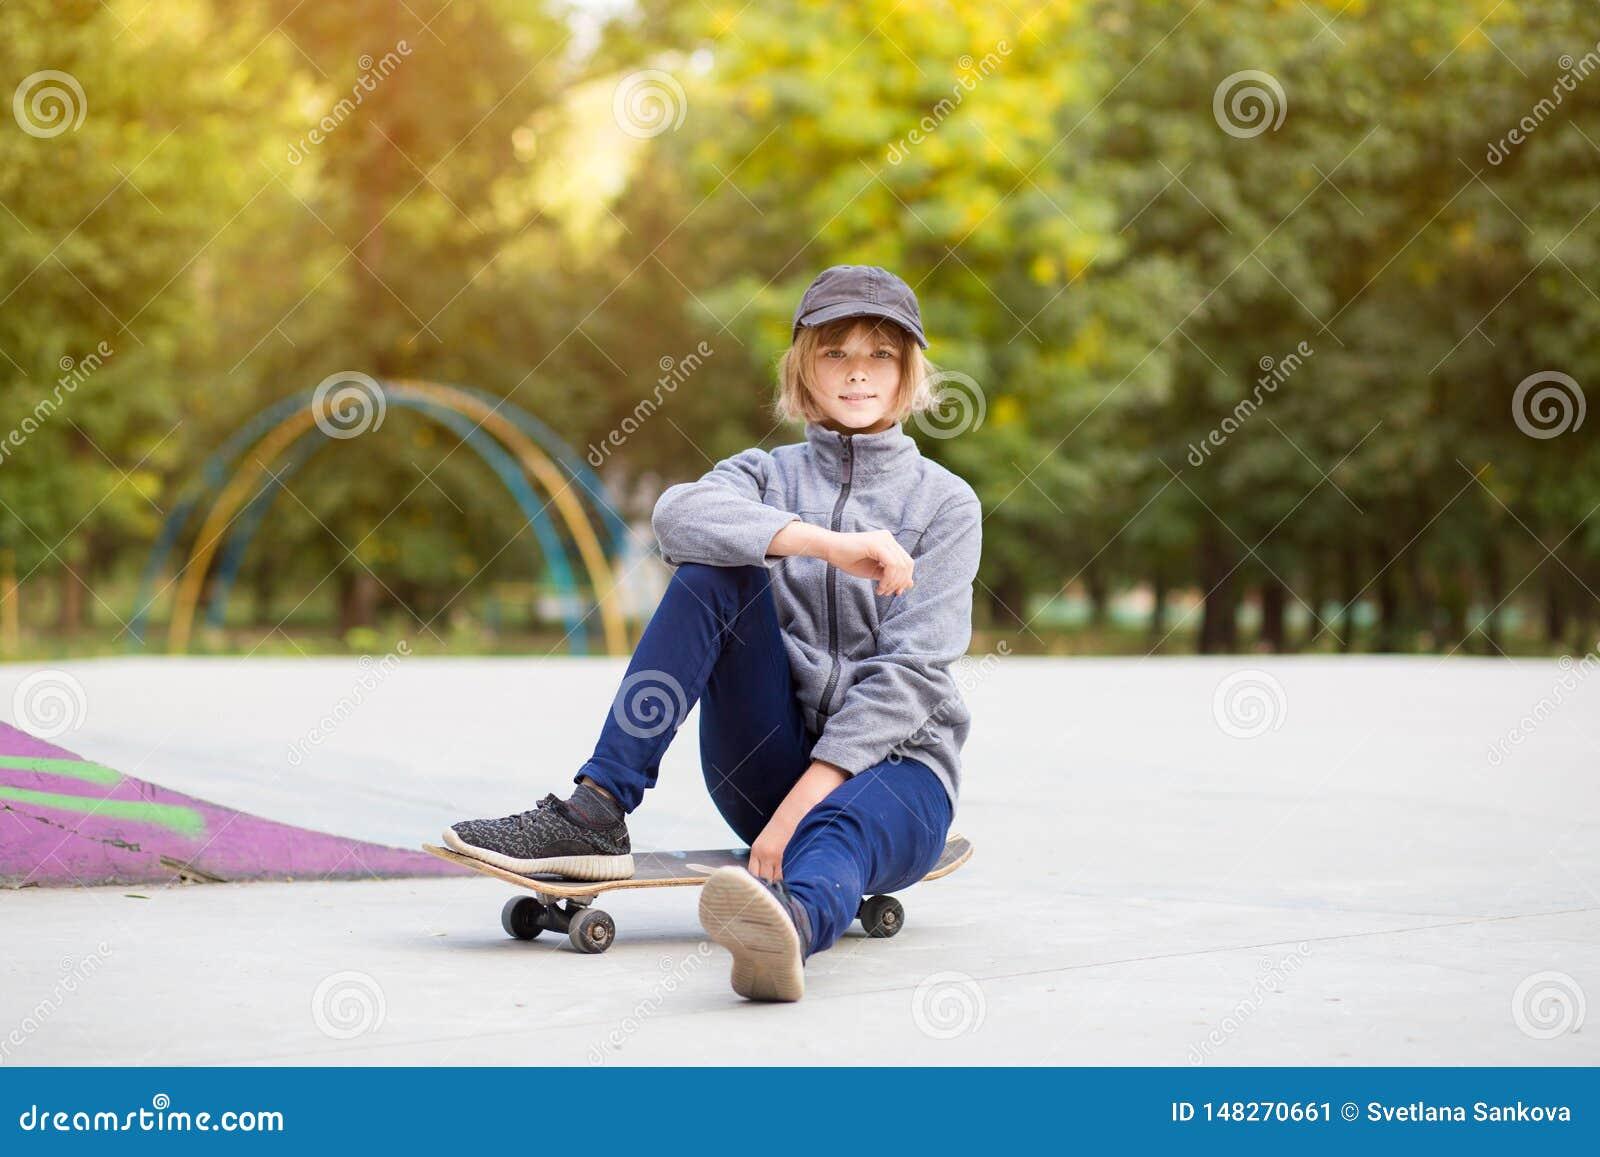 Menina do skater no skatepark que move sobre o skate fora